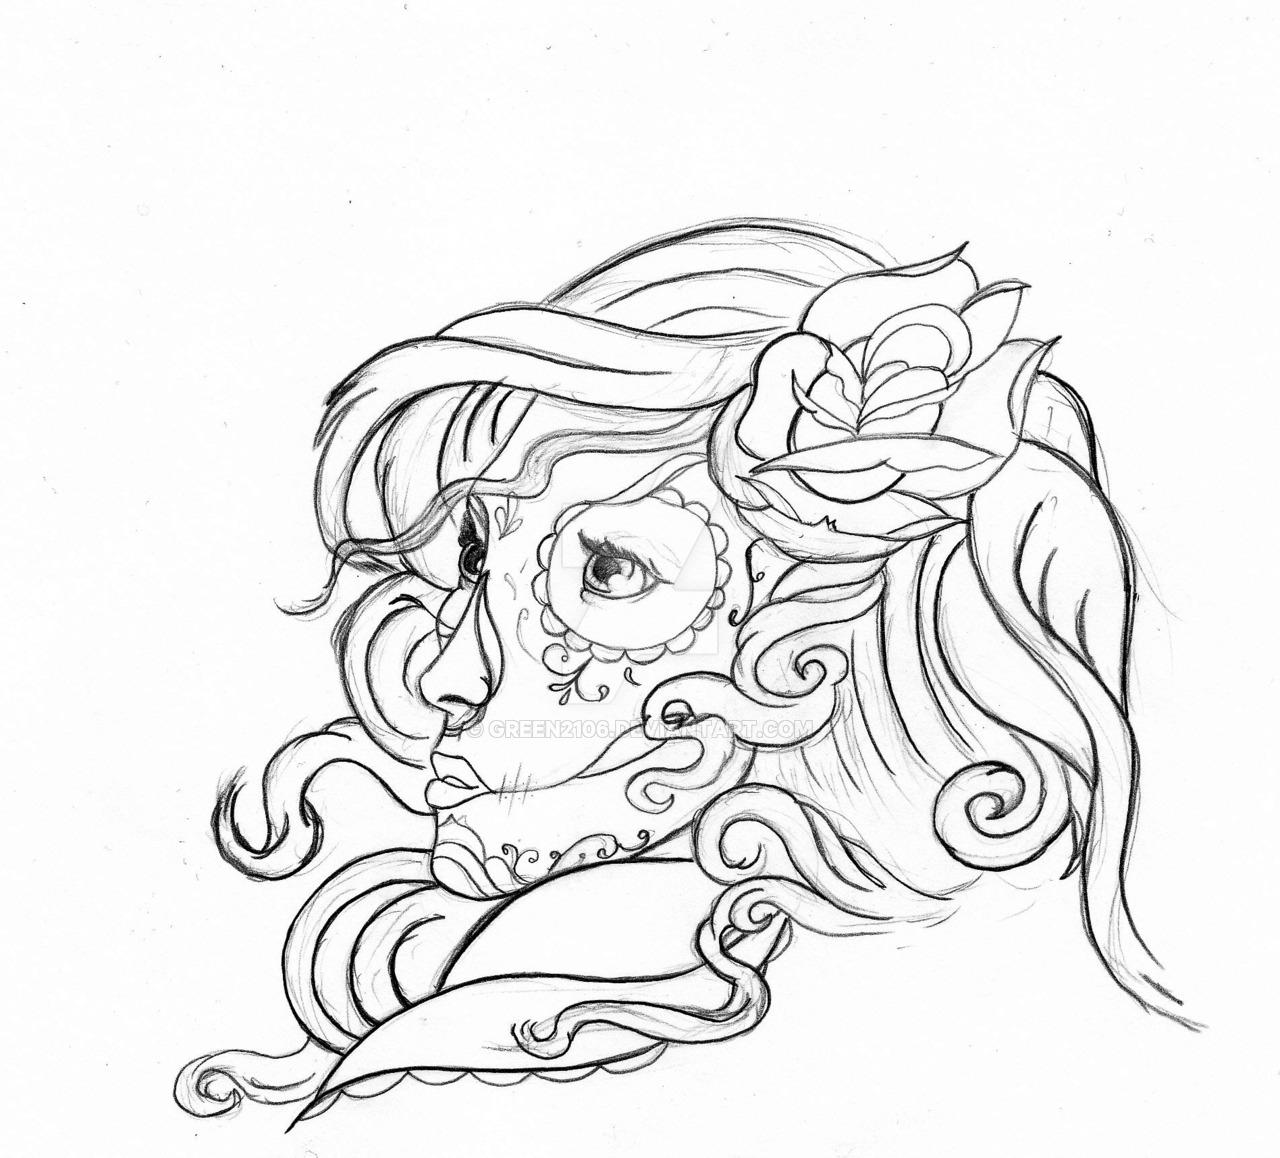 Drawn ssckull gypsy Candy Gypsy Skull Gypsy Real